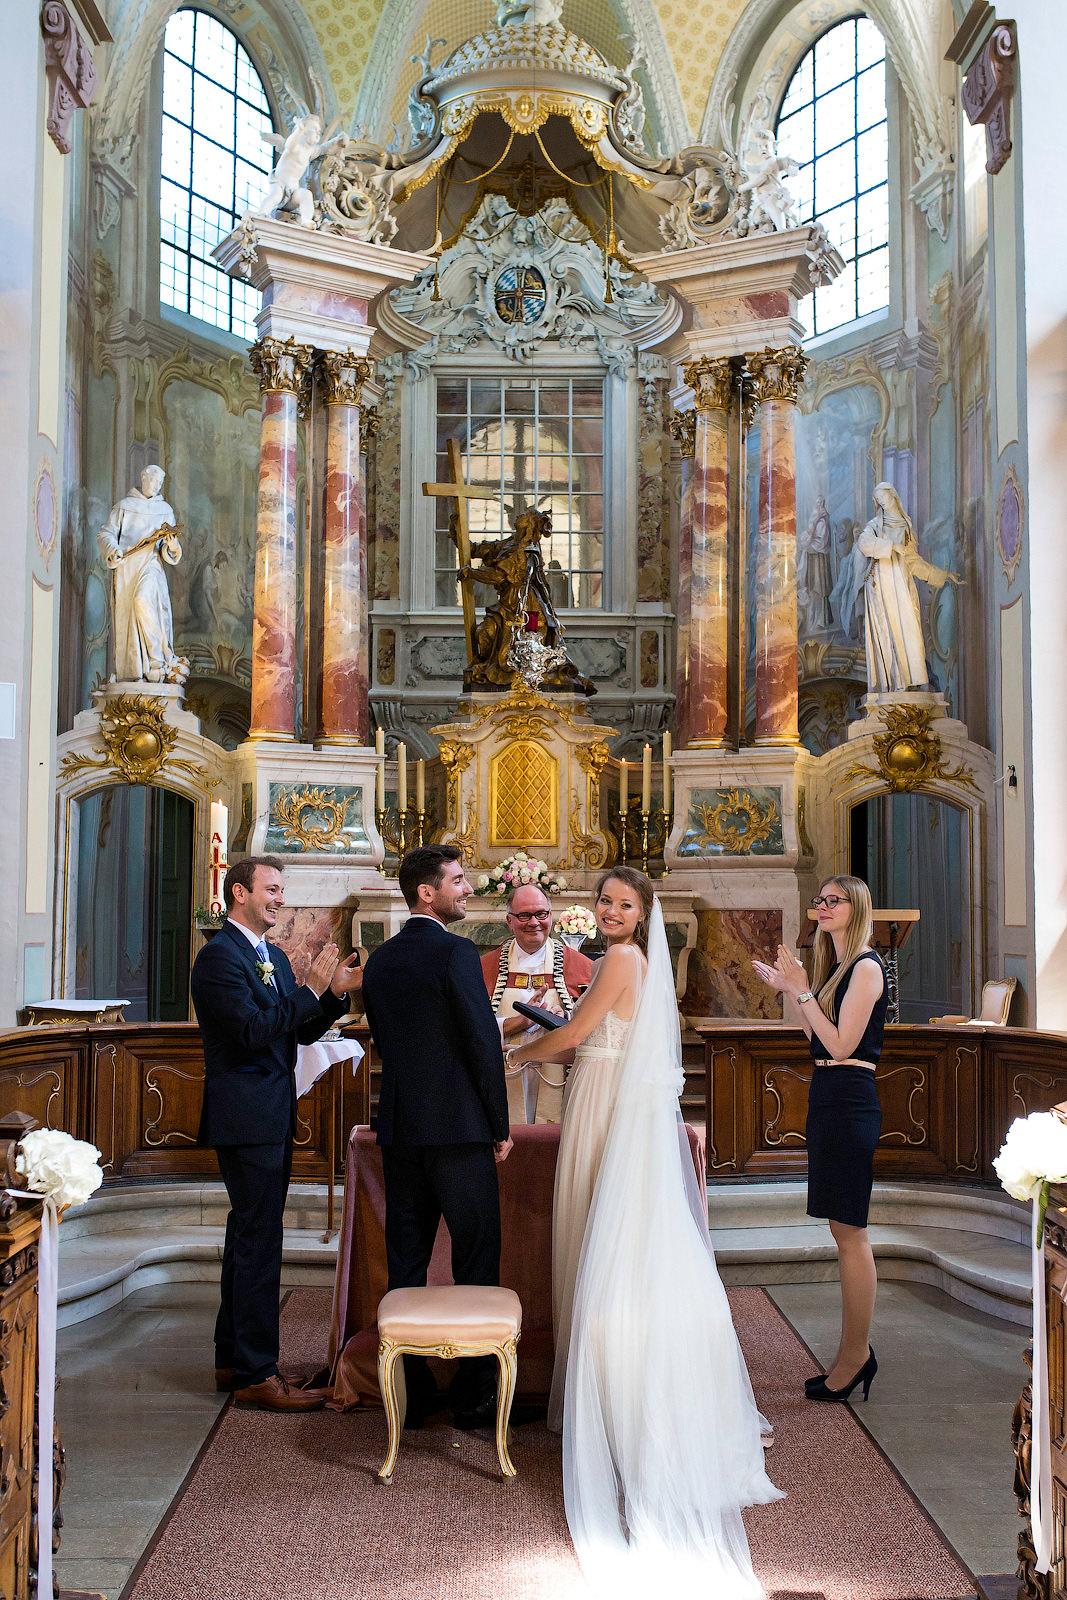 Hochzeit feiern im La Redoute in Bonn, mit Trauung in der Kreuzbergkirche.